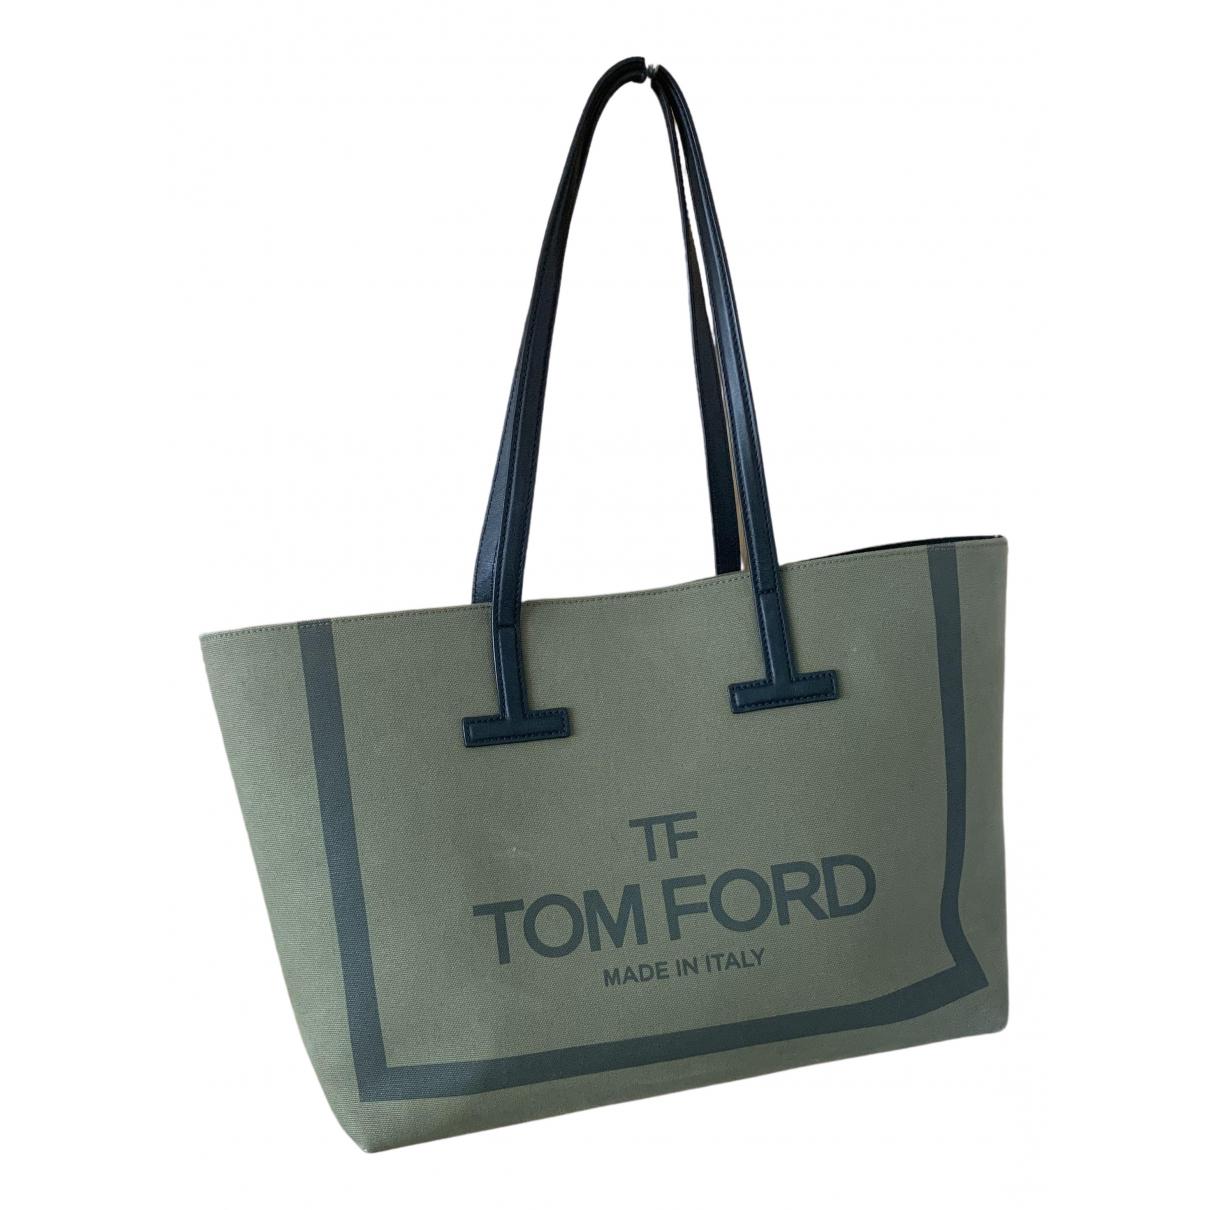 Tom Ford \N Handtasche in  Khaki Leinen